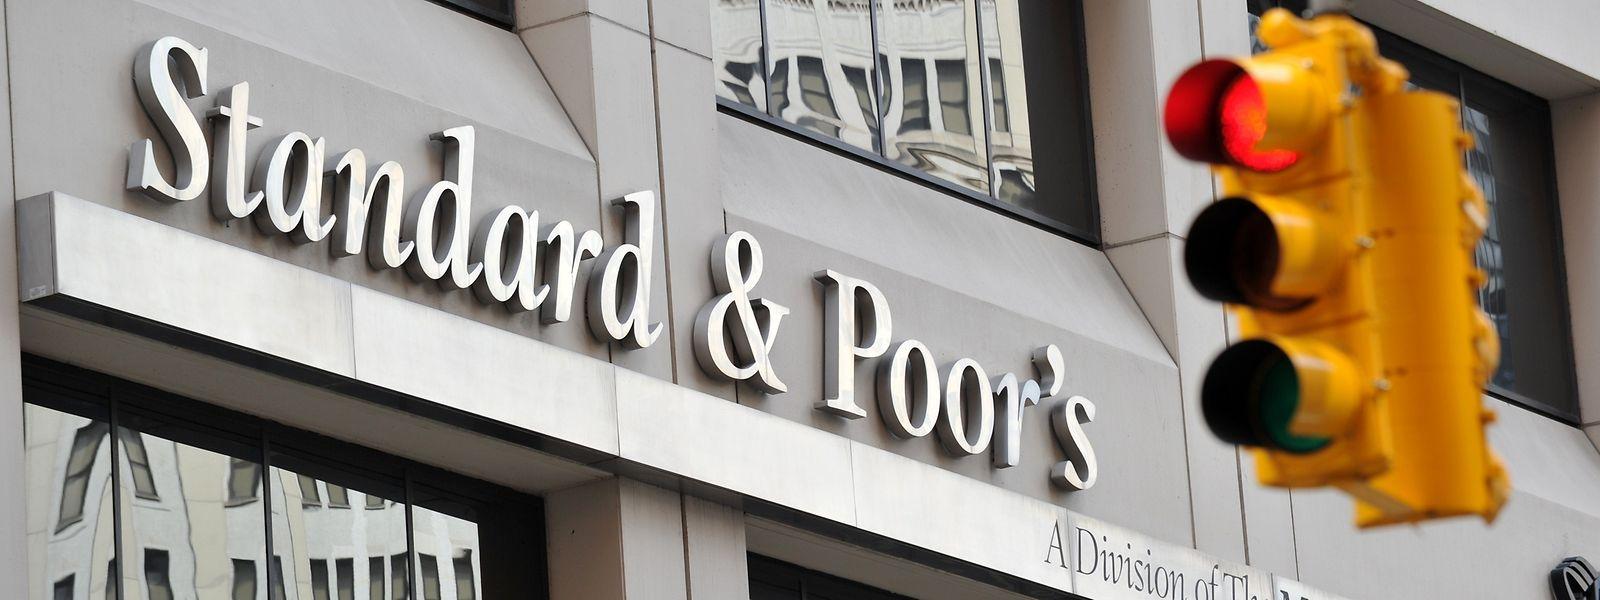 S&P (ehemals Standard & Poor's) ist der Marktführer unter den Ratingagenturen.